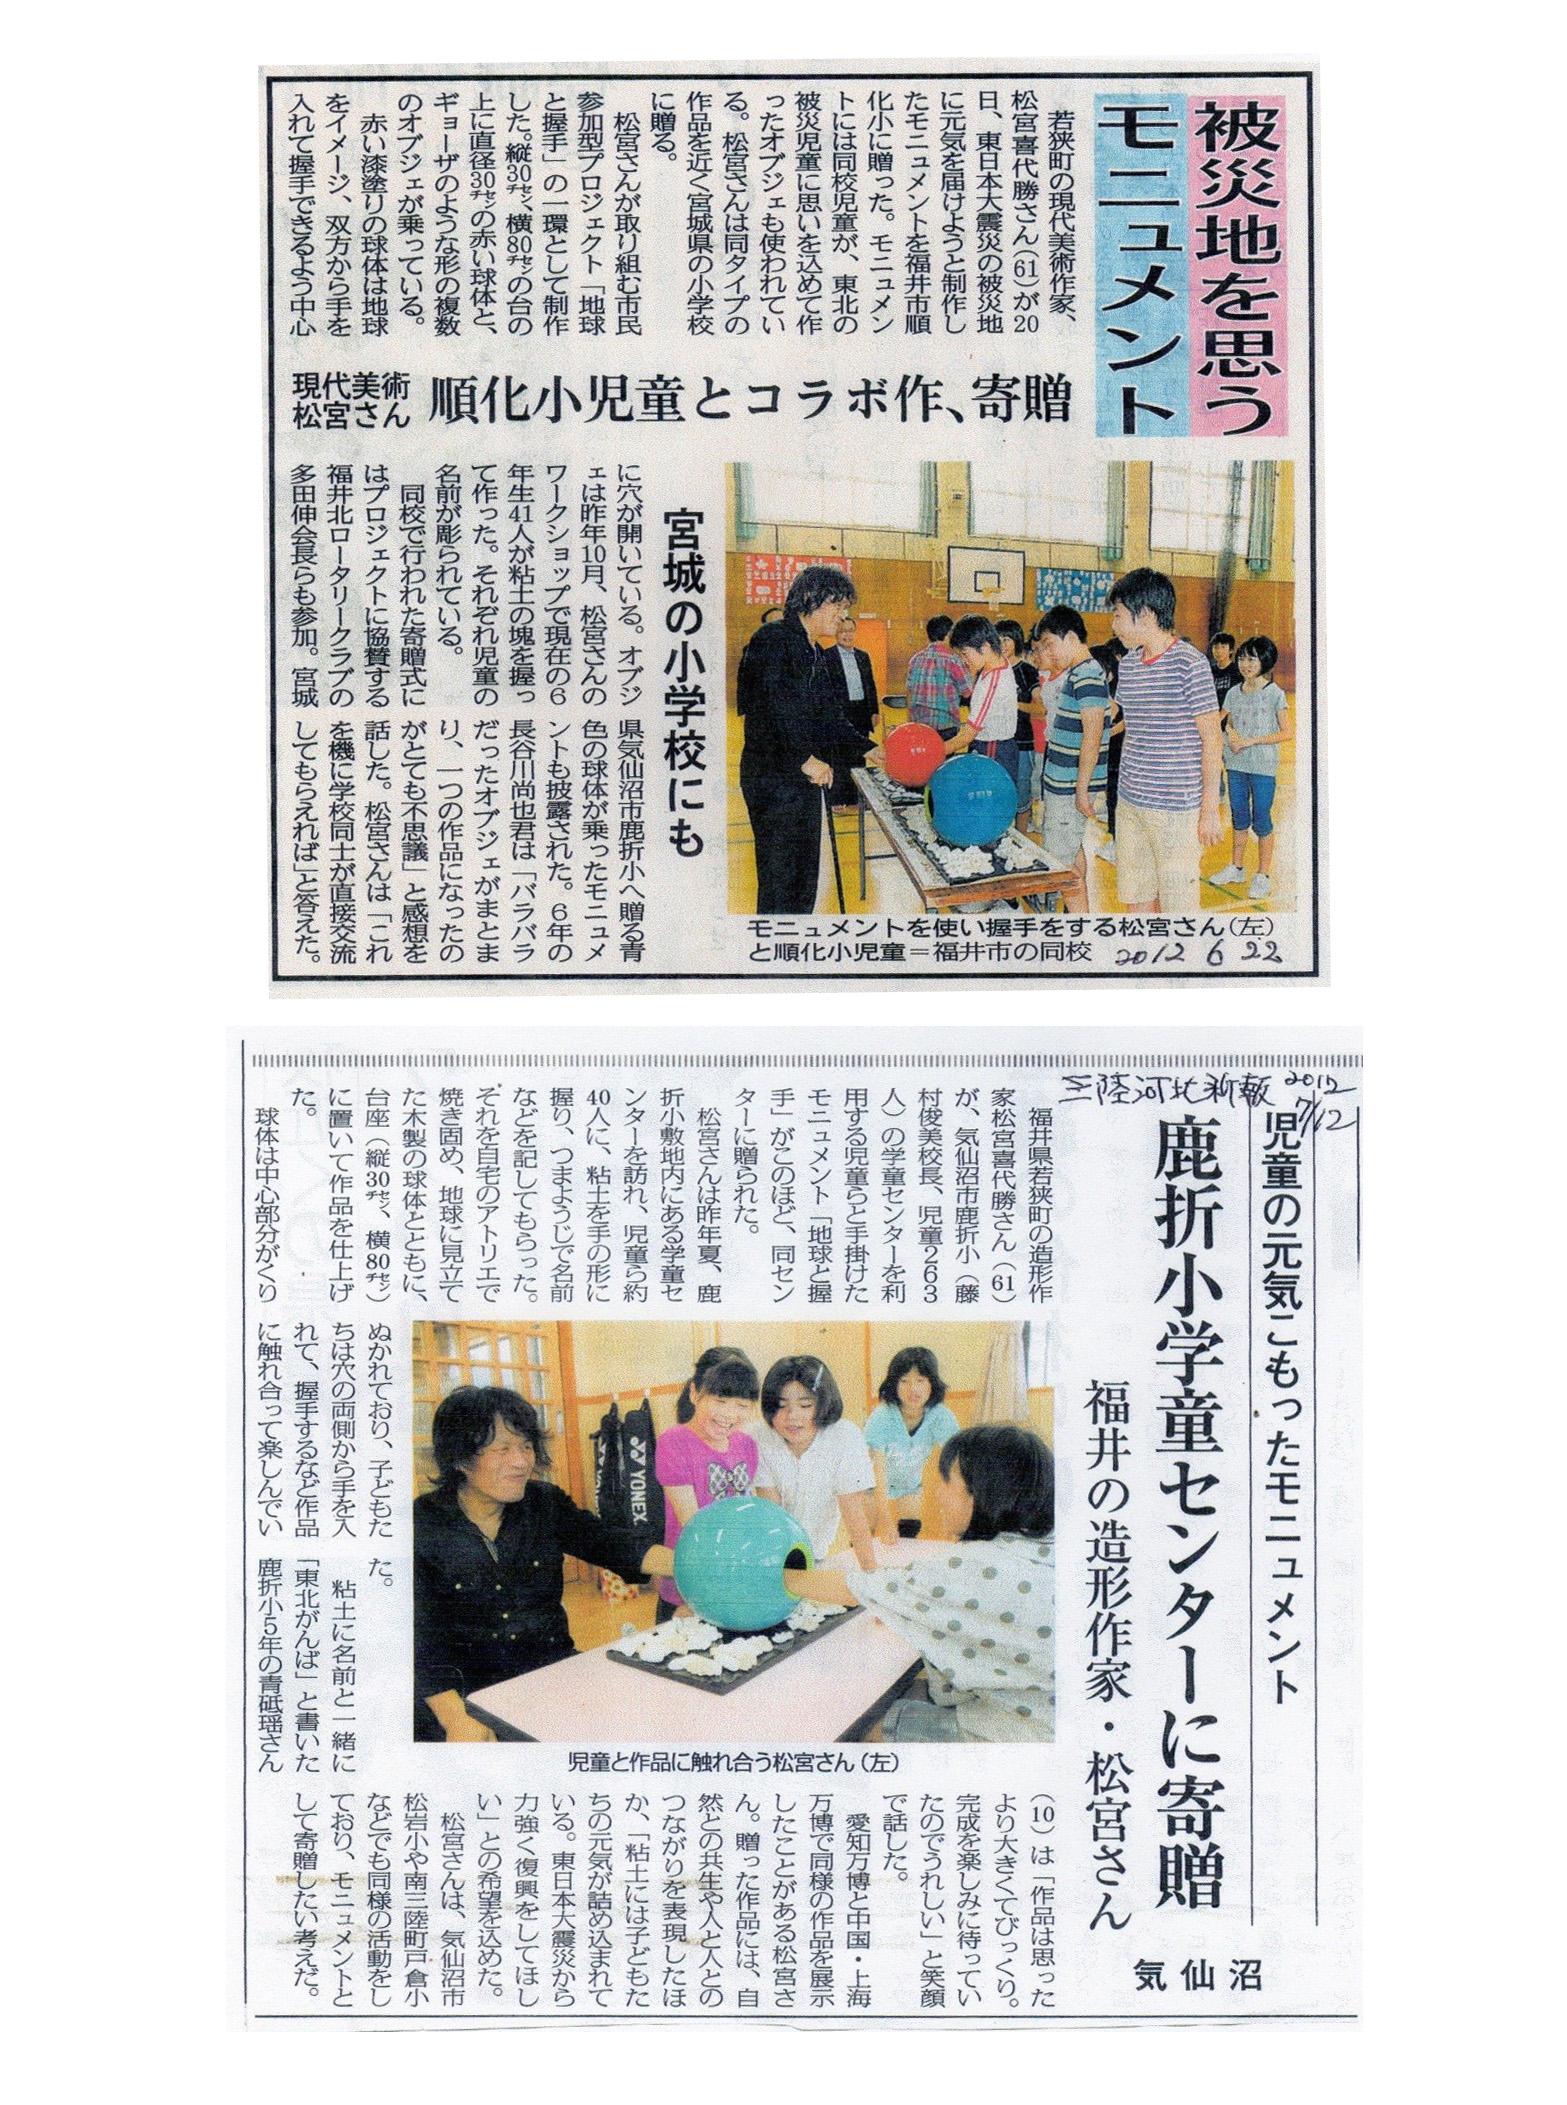 『地球と握手』鹿折小学童センターに寄贈